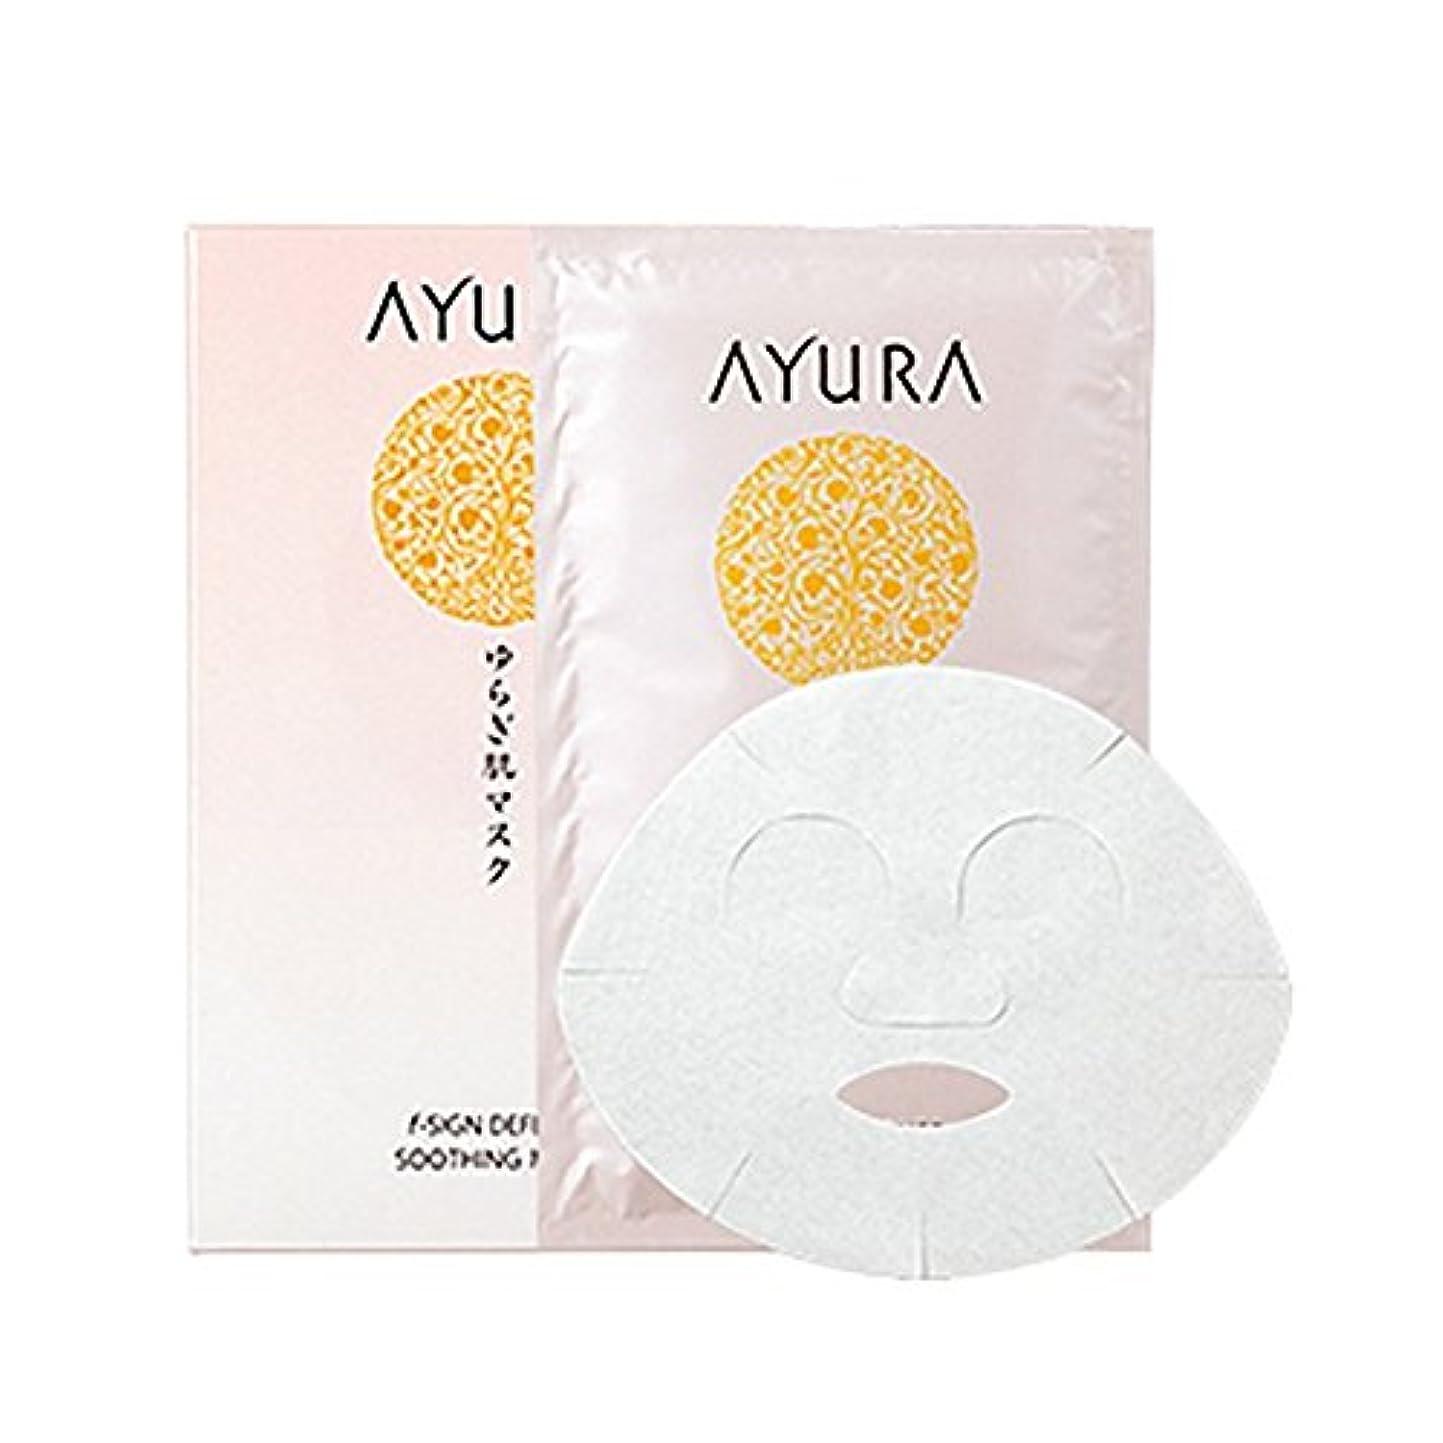 出しますエチケット汚染するアユーラ (AYURA) fサインディフェンス スージングマスク 17mL×7枚入 〈ゆらぎ肌 敏感肌用 マスク〉